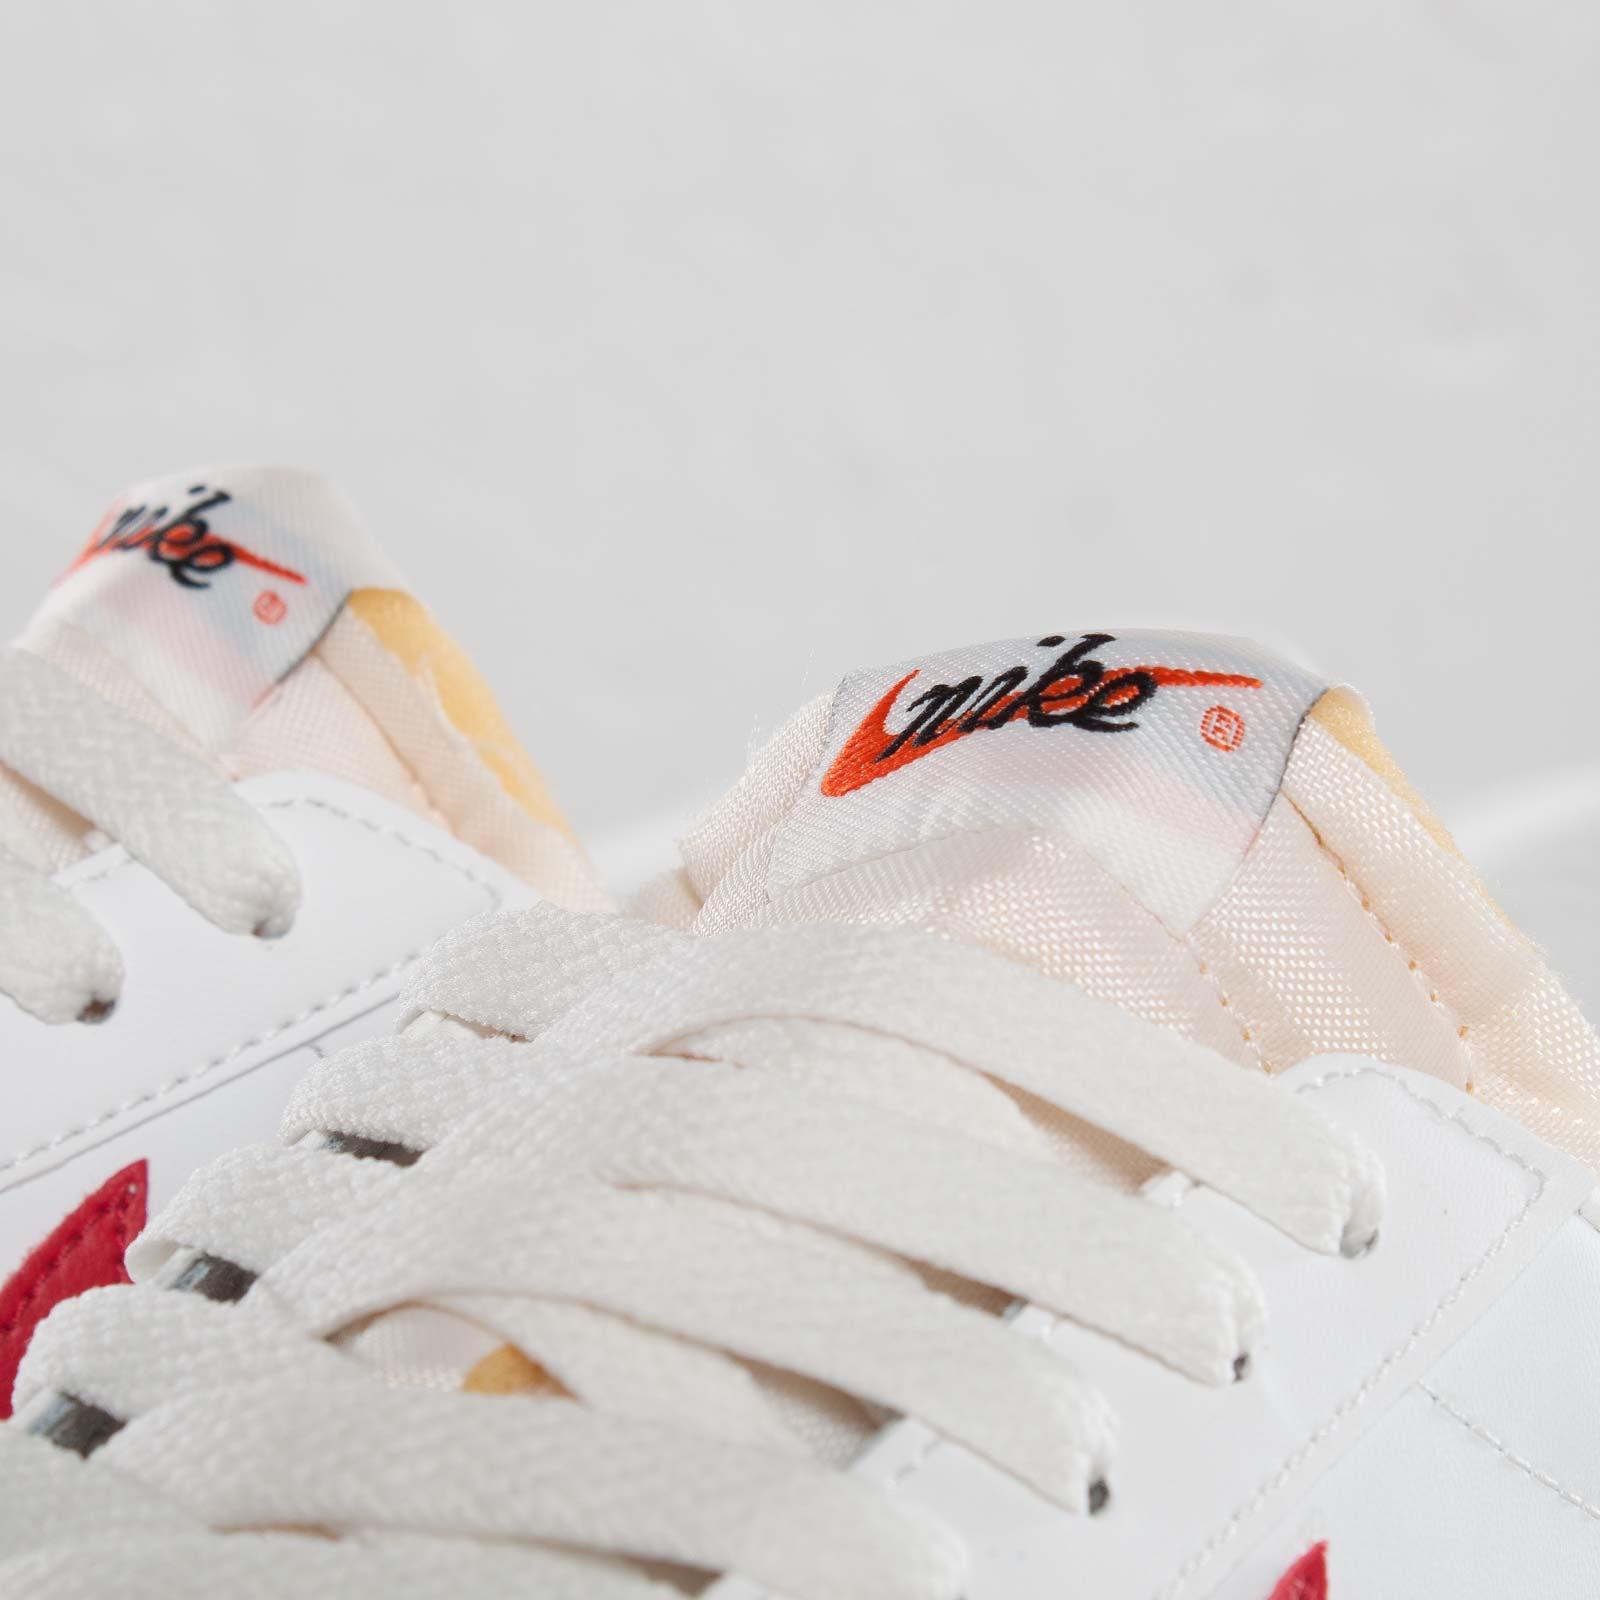 size 40 8963e 19666 Nike Tennis Classic AC Vintage - 110642 - Sneakersnstuff   sneakers    streetwear online since 1999